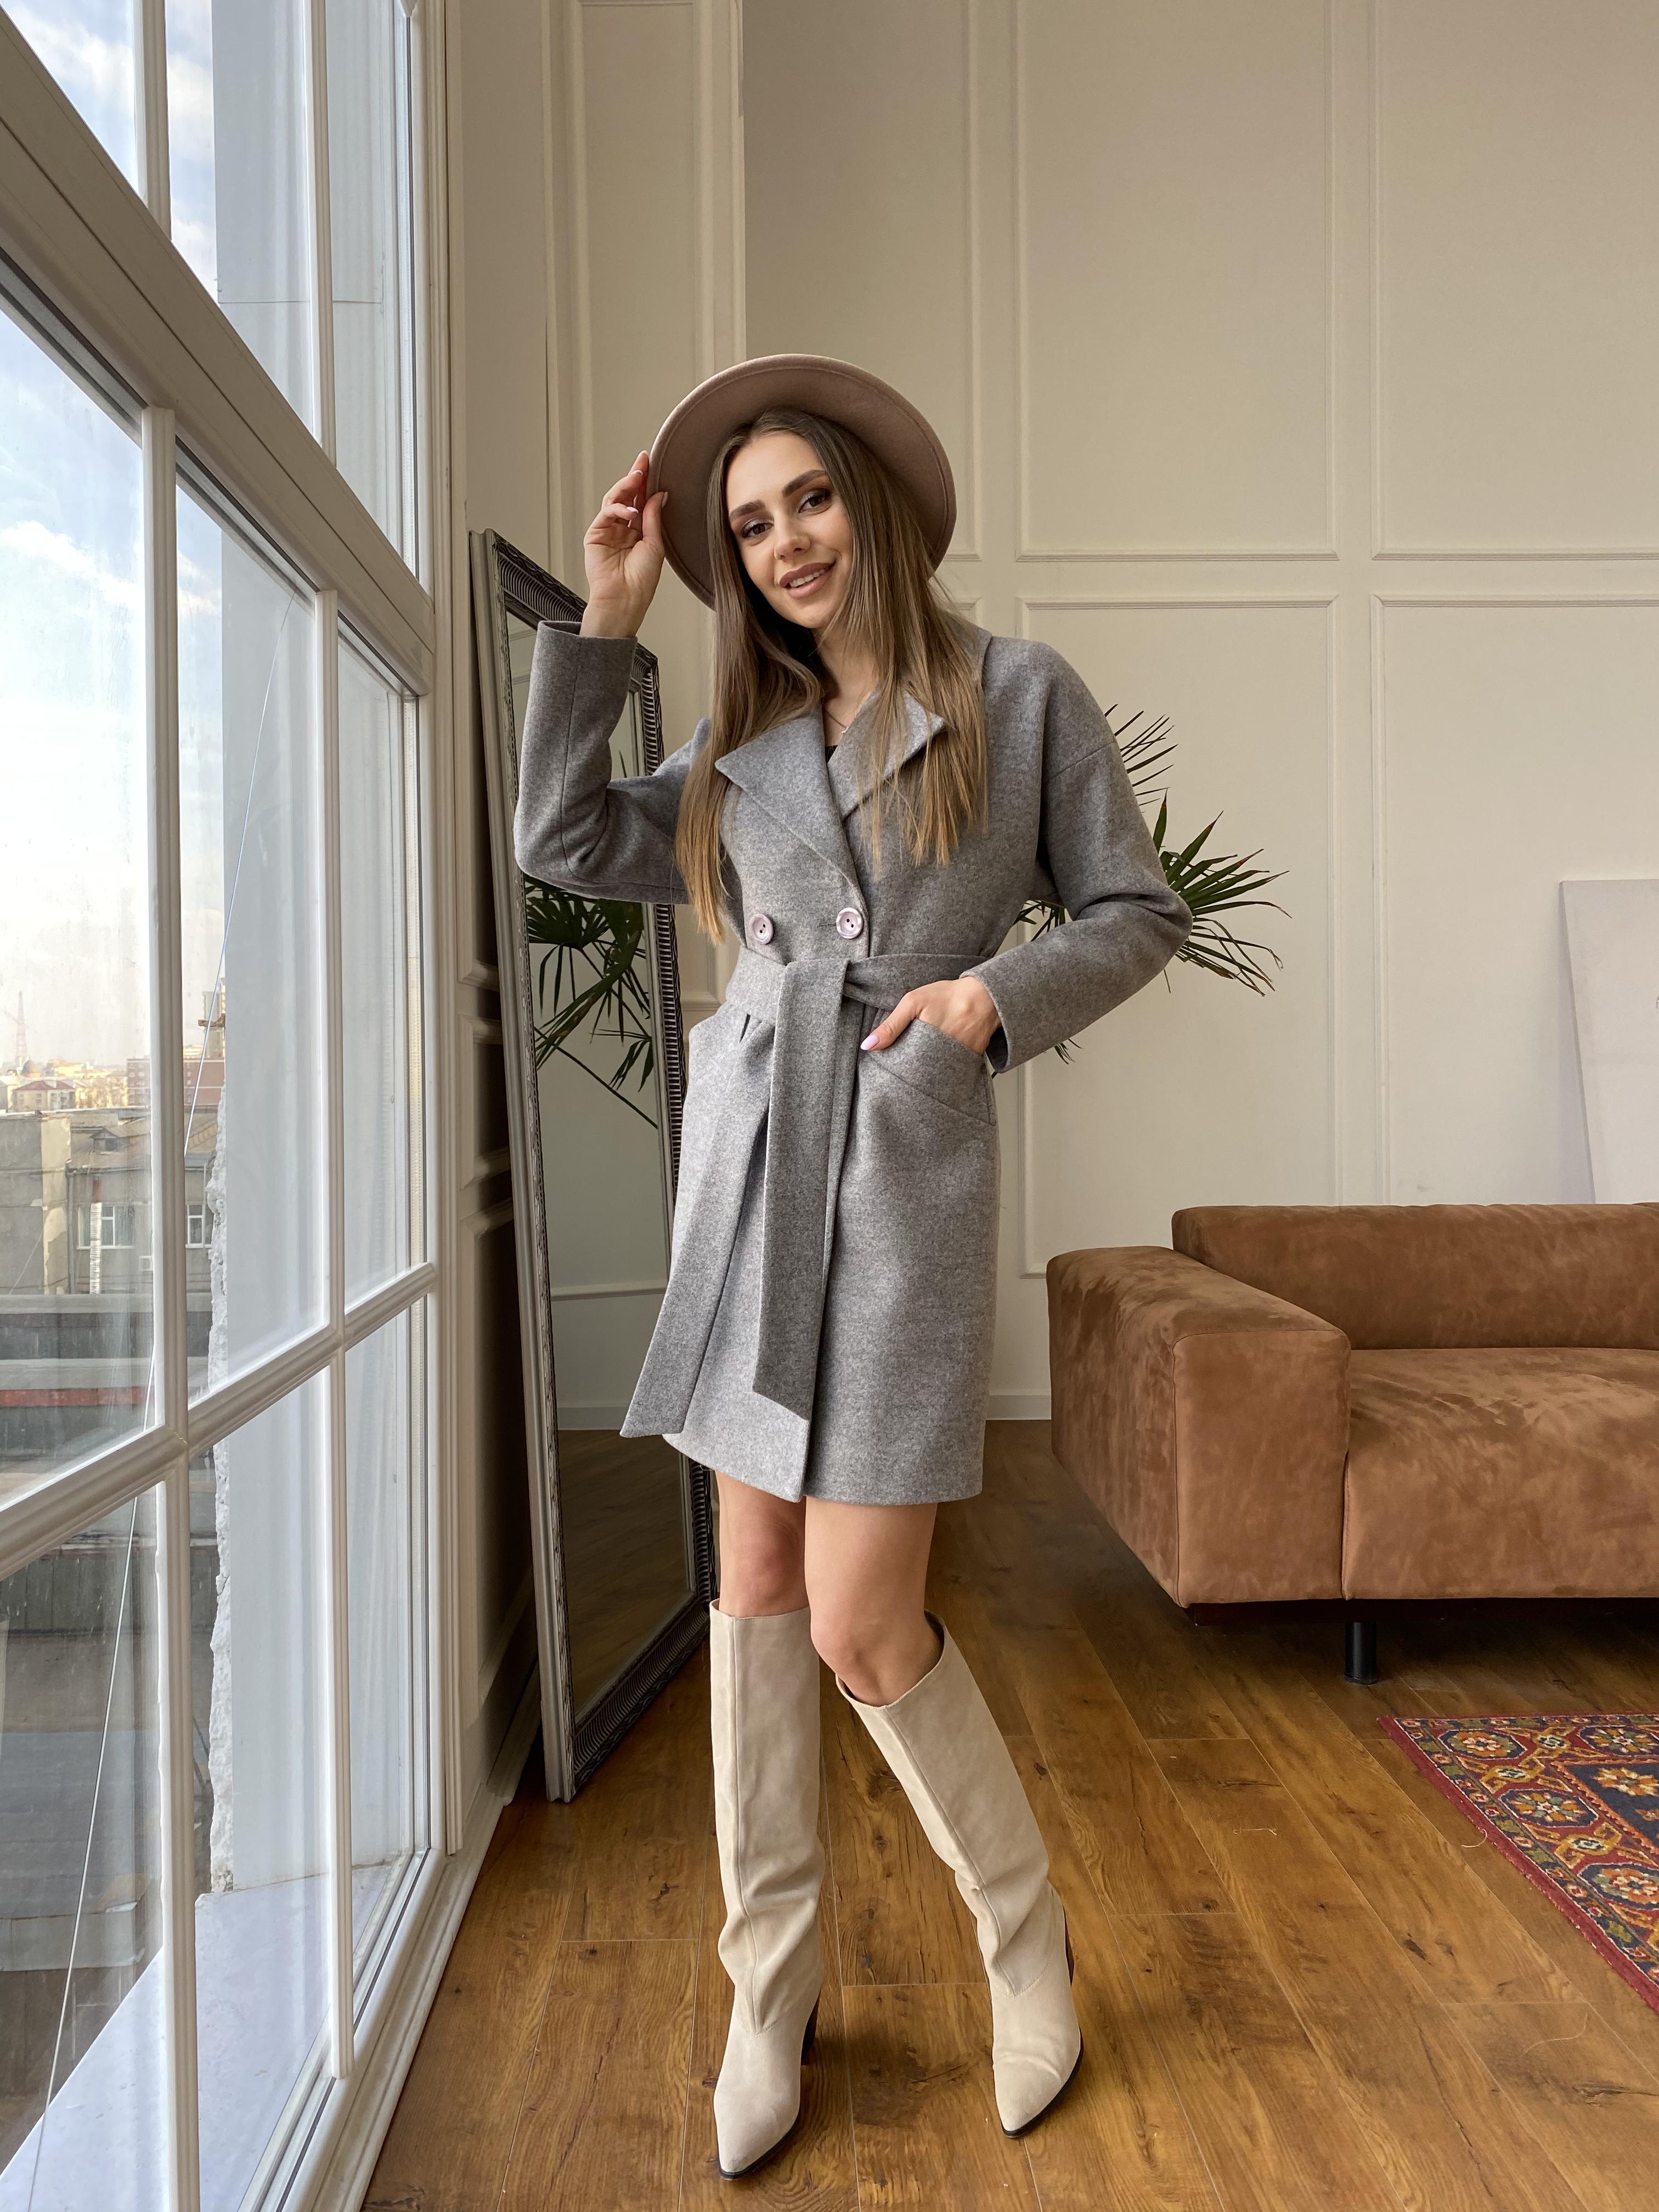 Сенсей пальто из кашемира меланж  10745 АРТ. 47224 Цвет: Карамель 20/1 - фото 8, интернет магазин tm-modus.ru